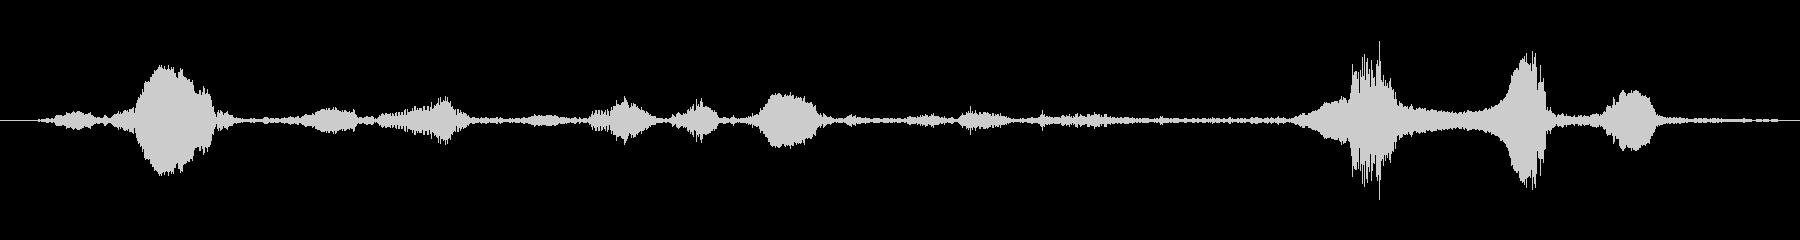 ロバ ブレイクラシック01の未再生の波形